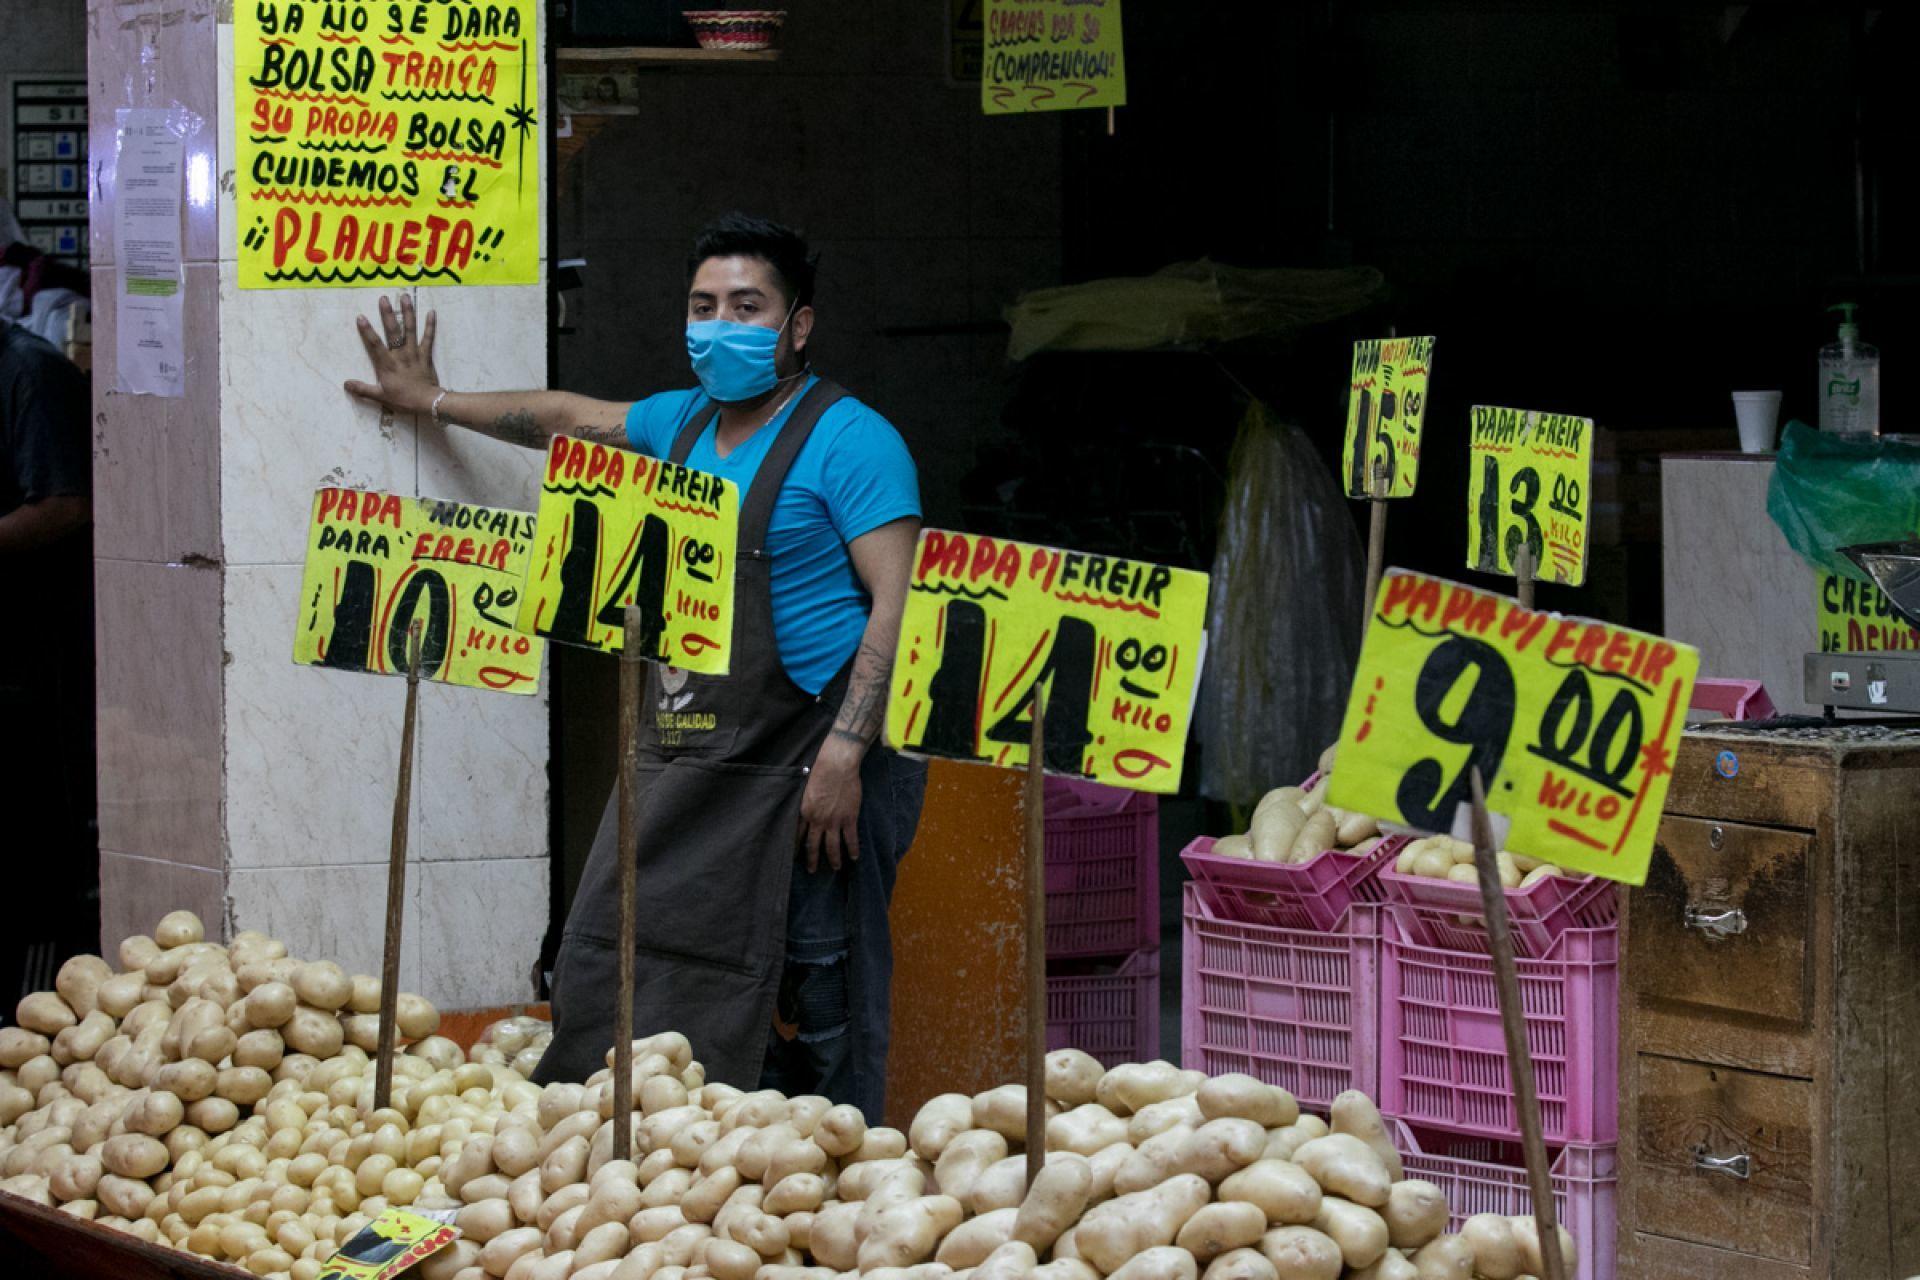 Fe en la humanidad: Varias personas están repartiendo dinero a vendedores ambulantes para ayudarlos ante el COVID-19